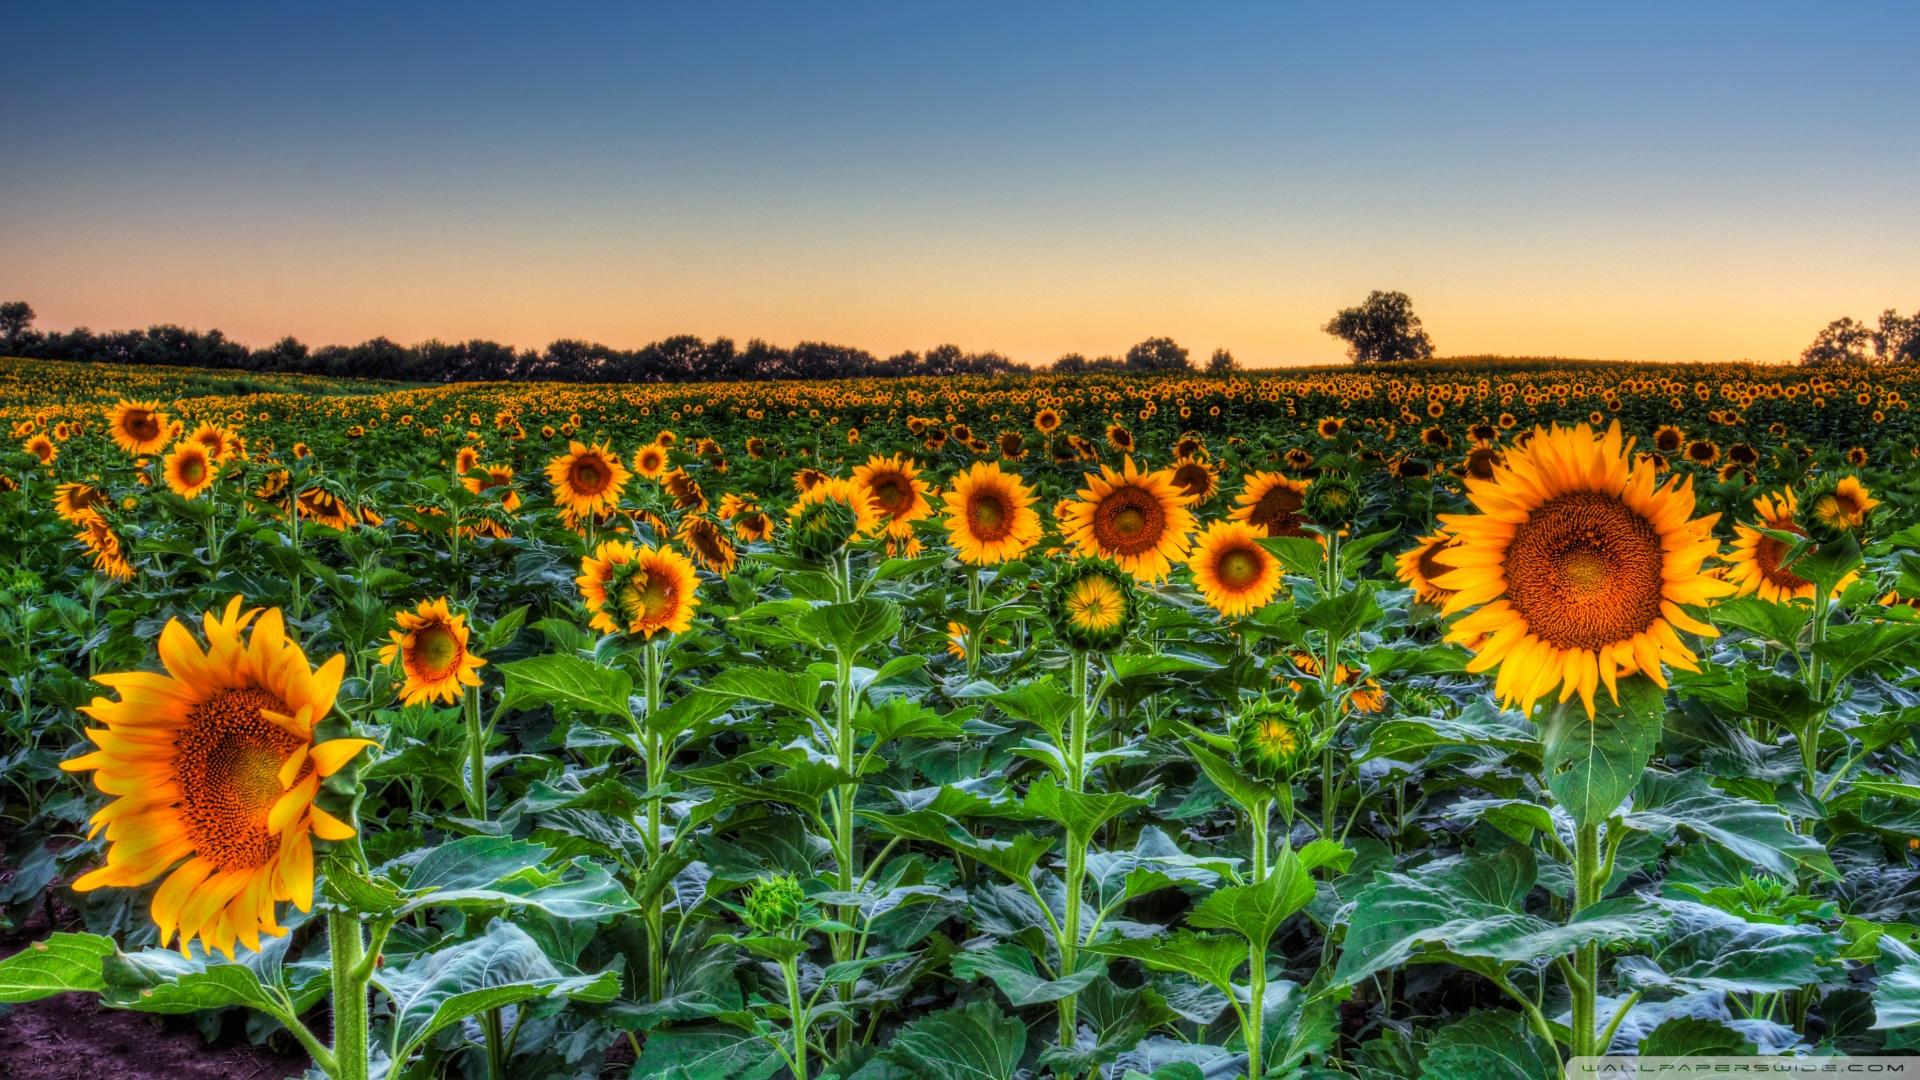 Sunflower Field Sunset Wallpaper 1920x1080 Sunflowers